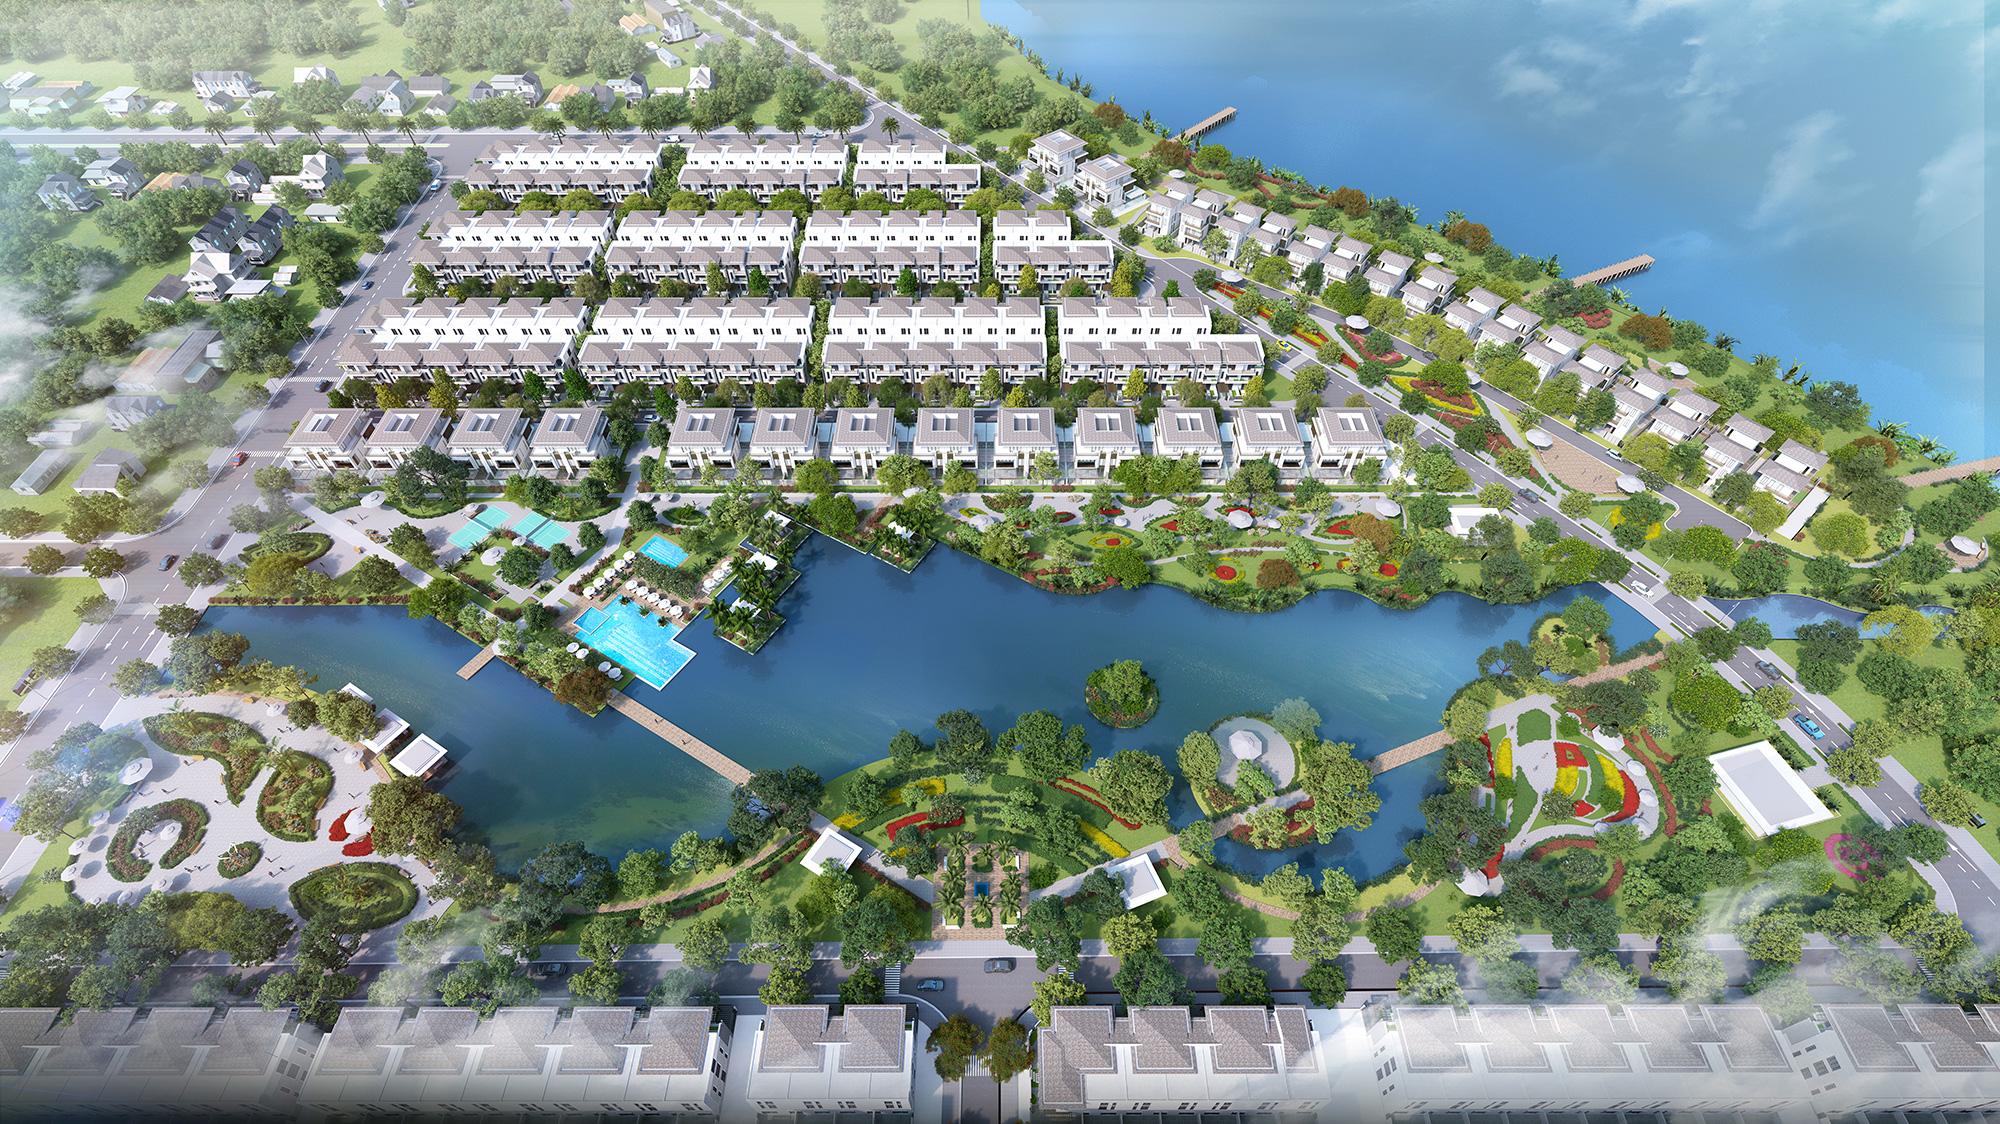 Thiết kế dự án Lavila ưu tiến đến cảnh quan, không gian chung, các giá trị tiện ích cho cư dân của mình.